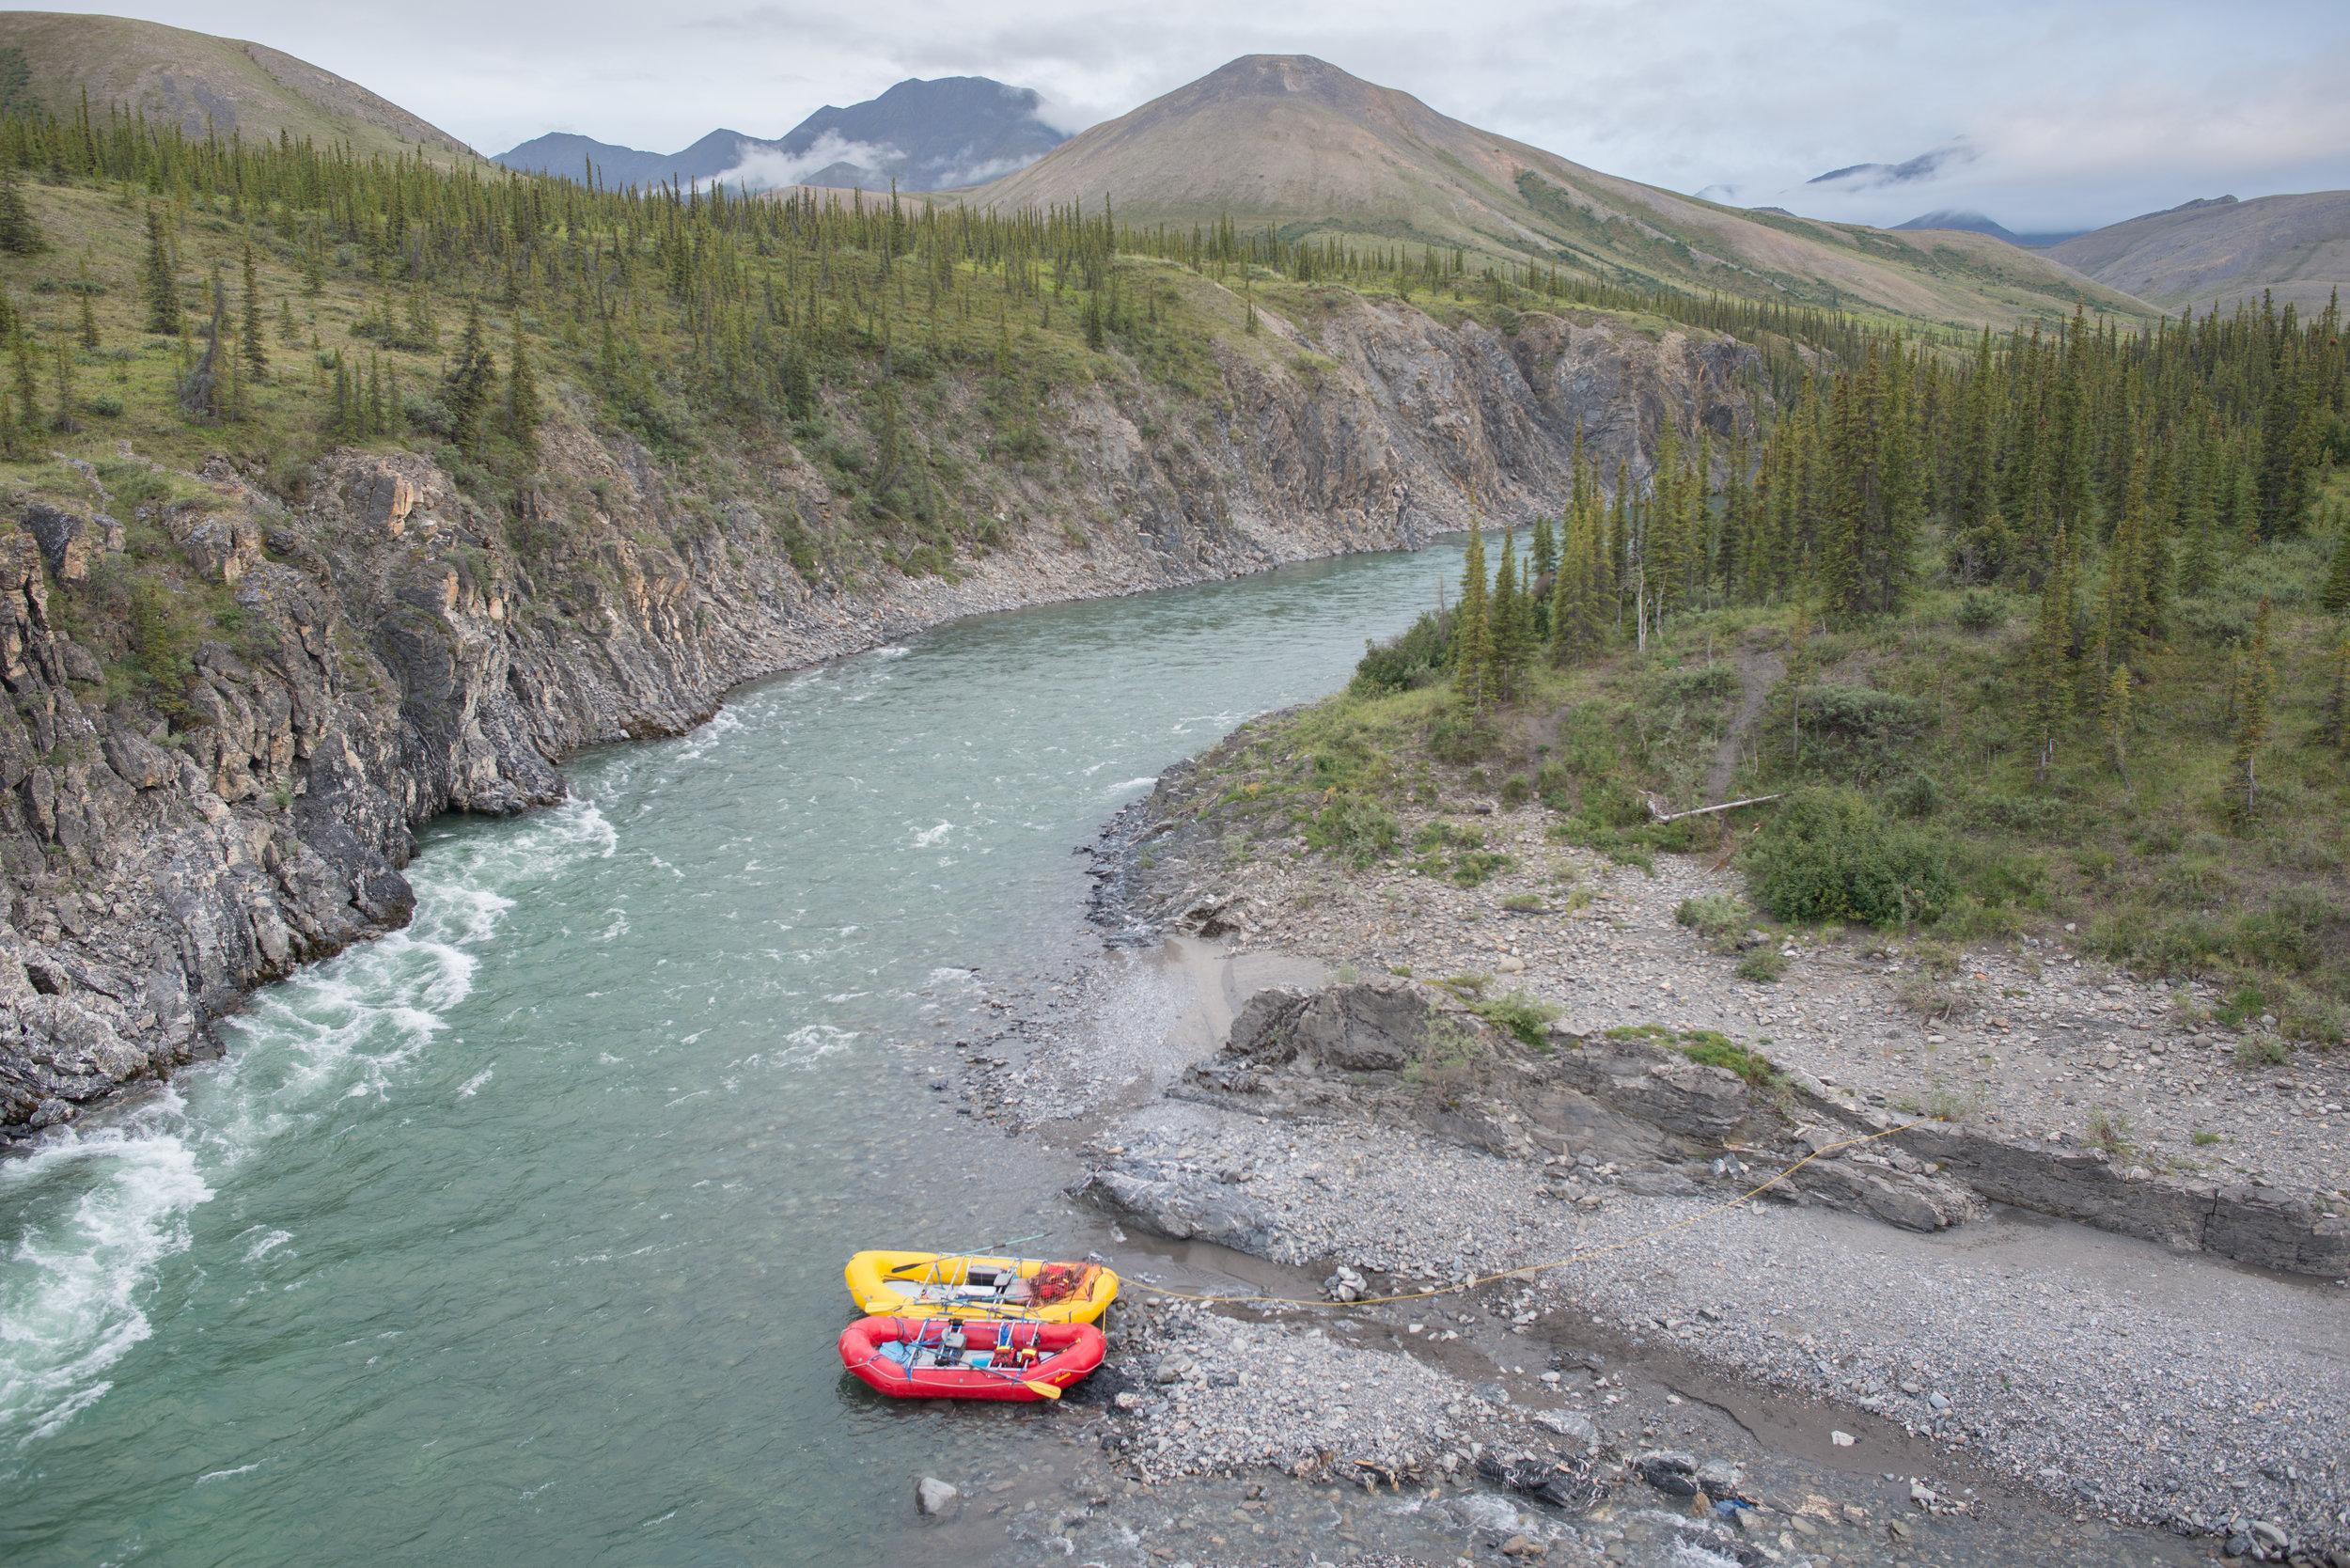 A rafting party alight at Sheep Creek